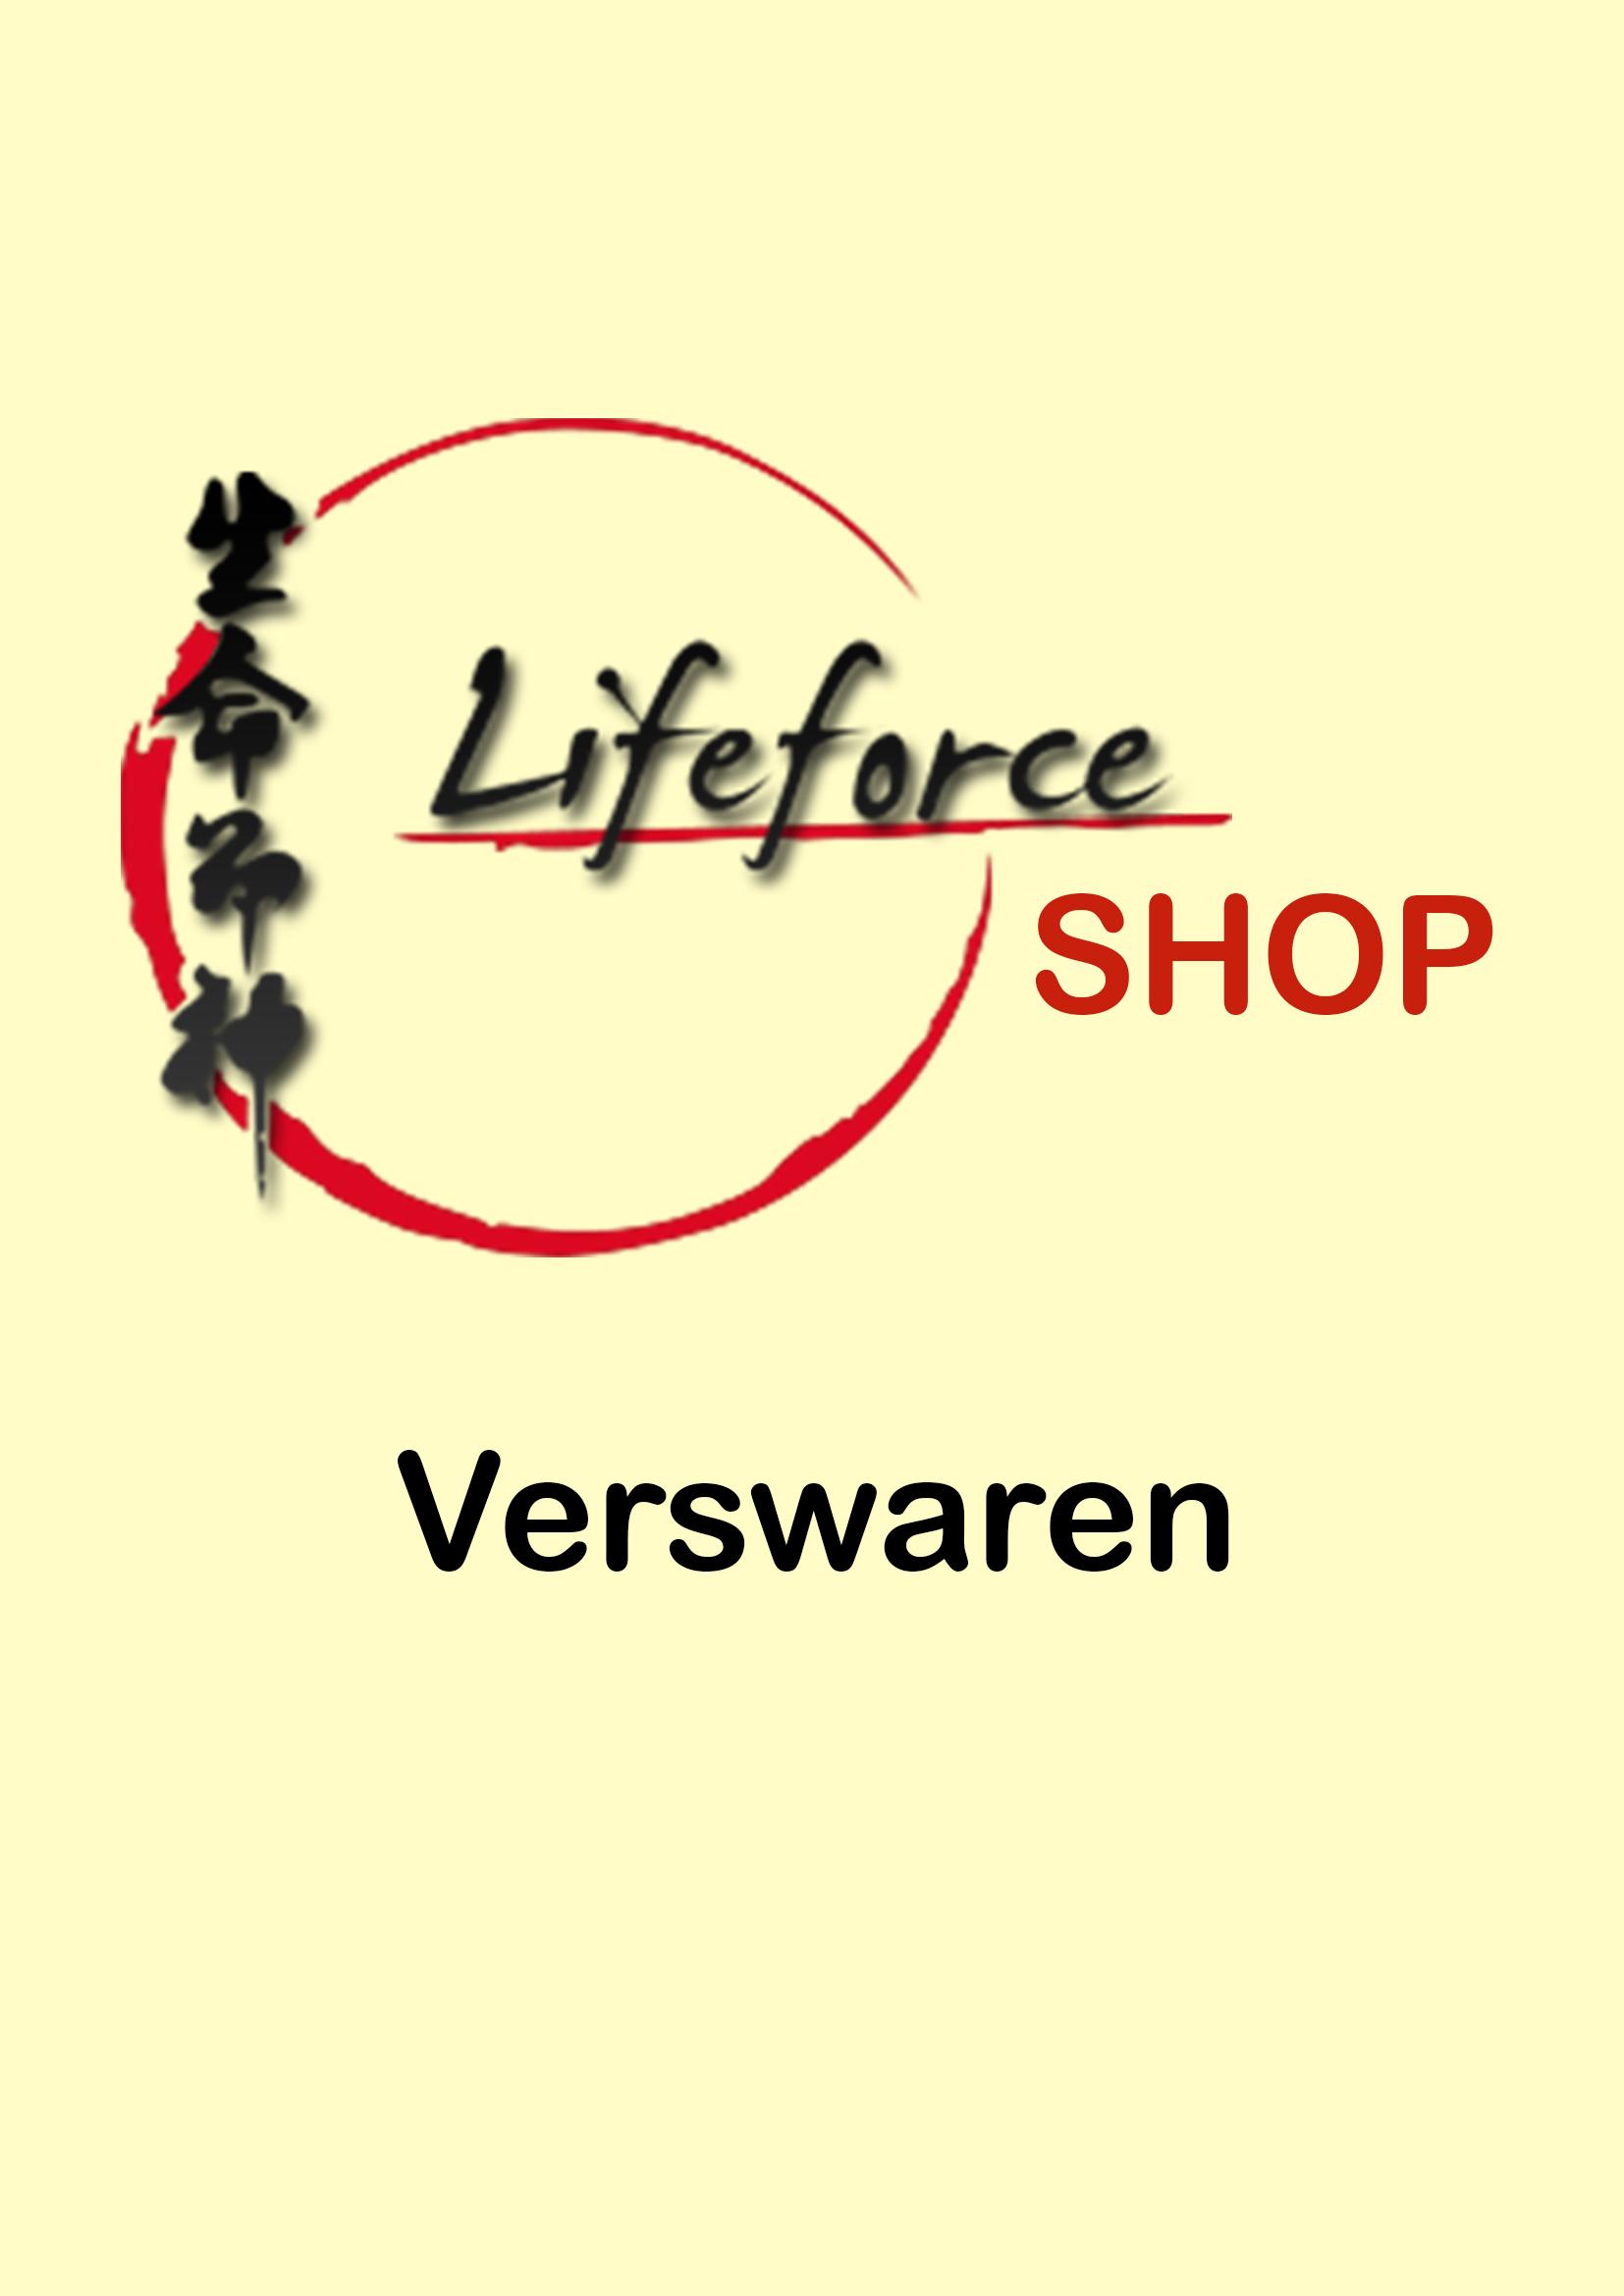 Lifeforce Shop - Verswaren